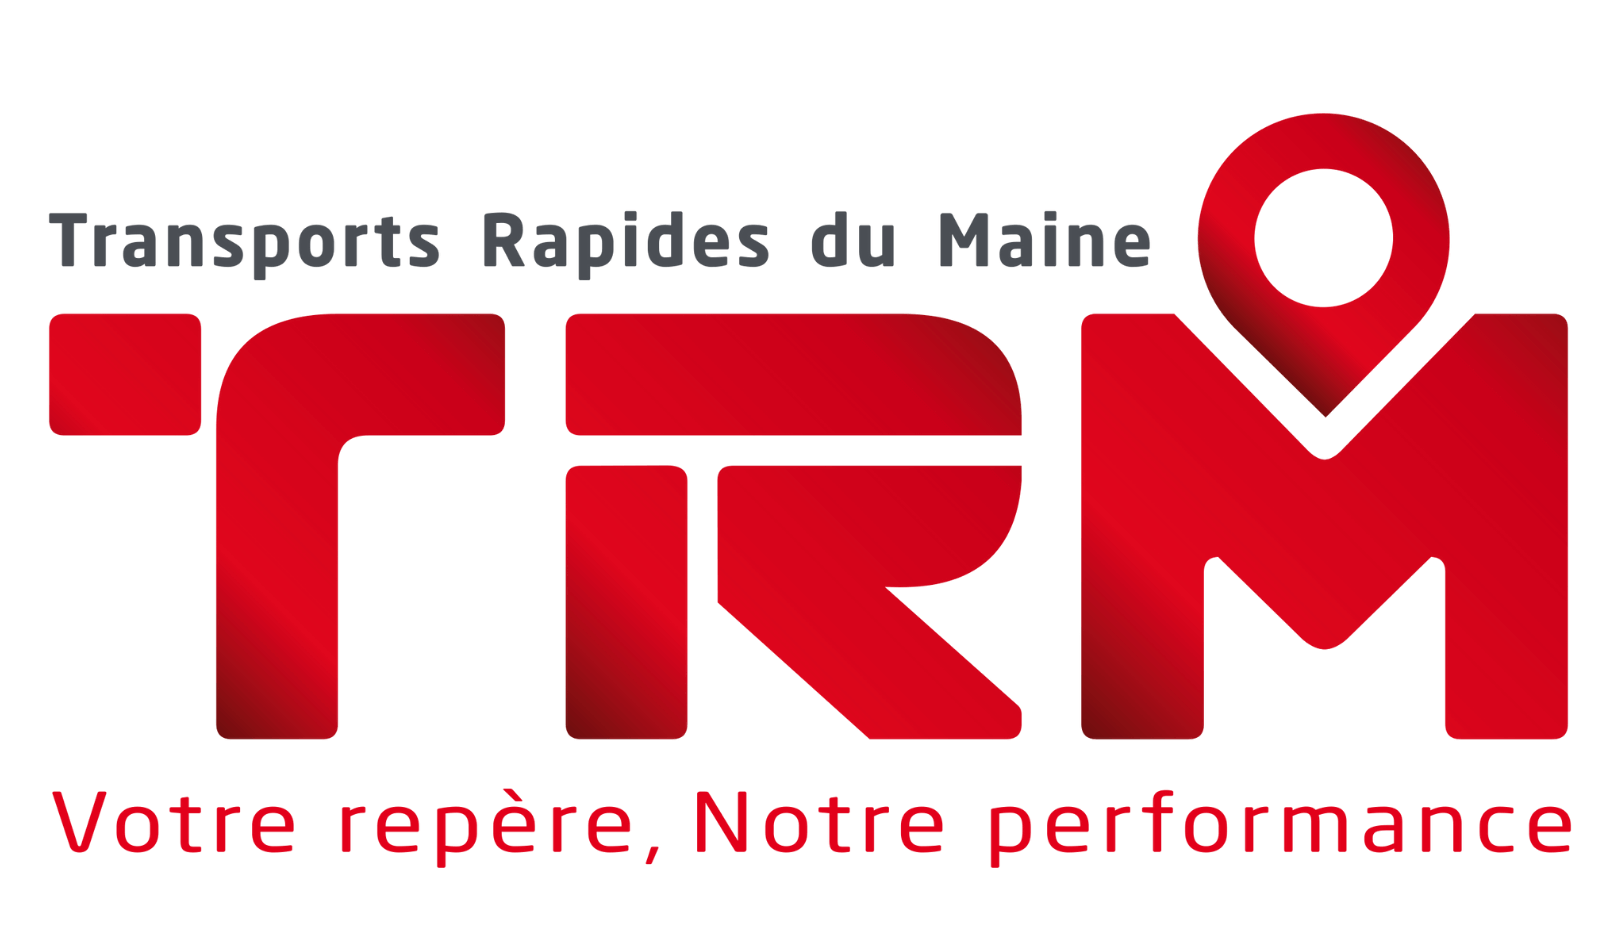 Logo TRM Transports Rapides du Maine